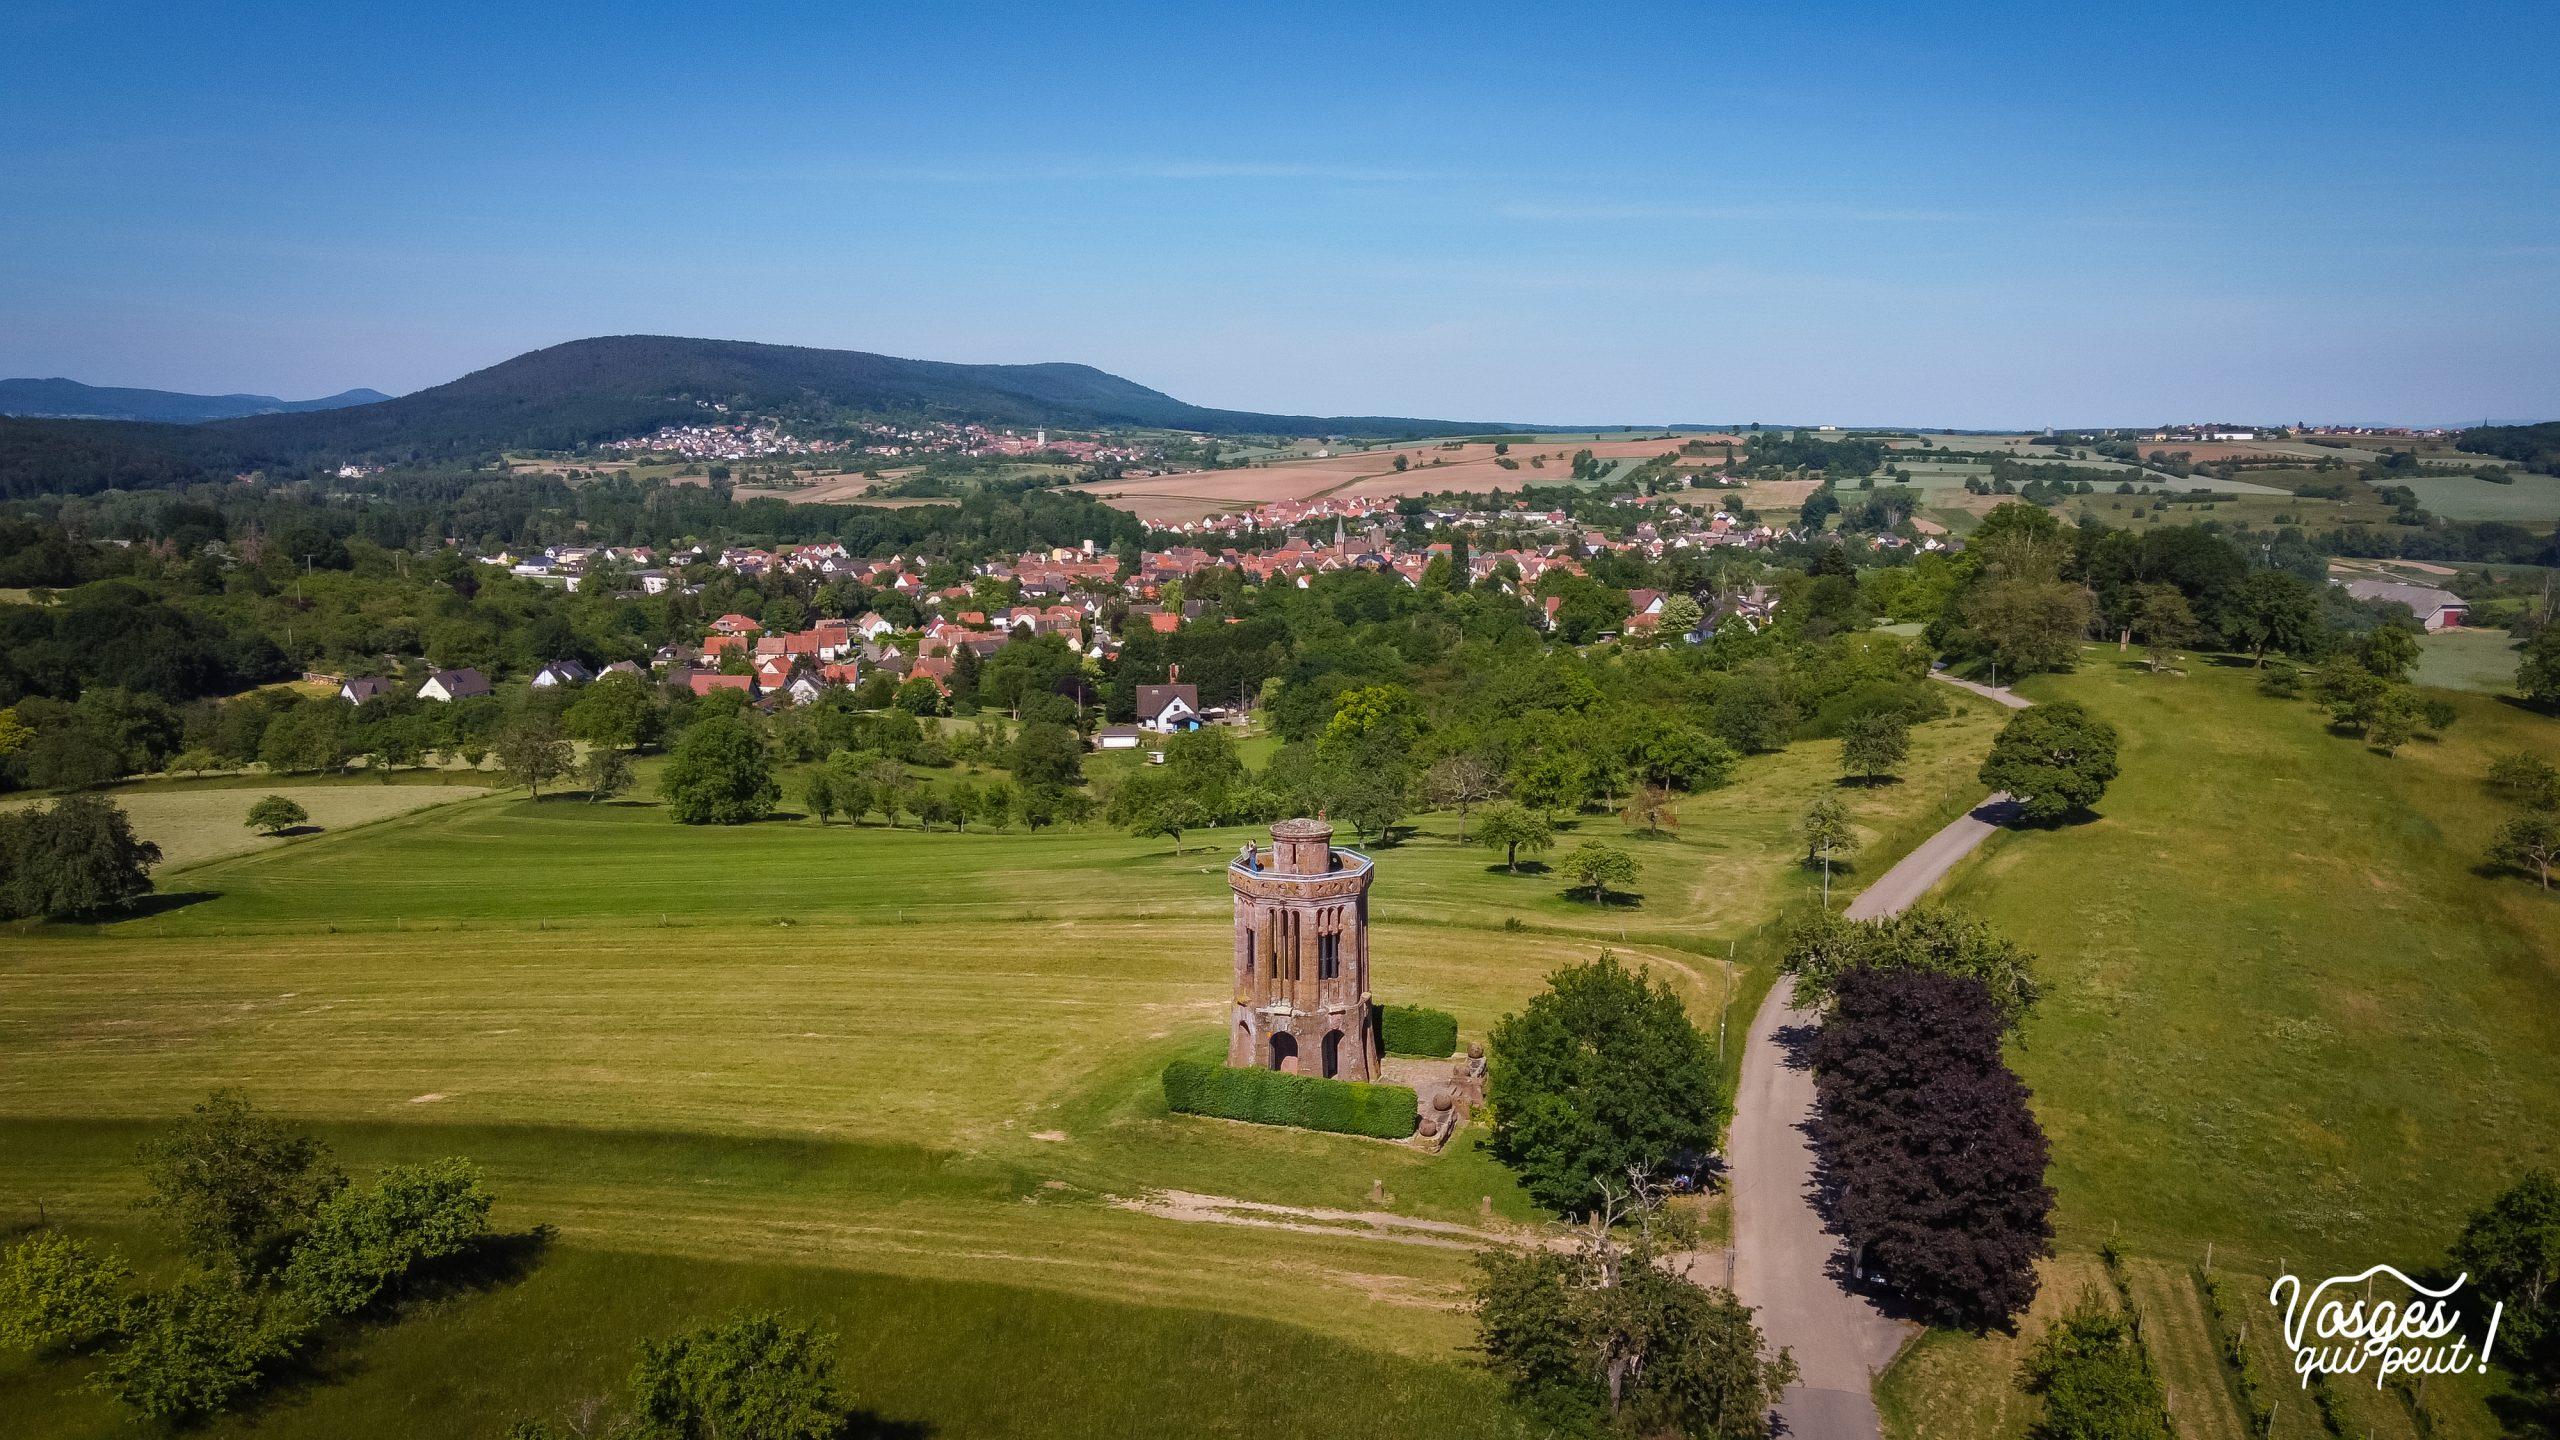 Vue aérienne sur le monument belvédère et sur le champ de bataille de Wœrth en Alsace